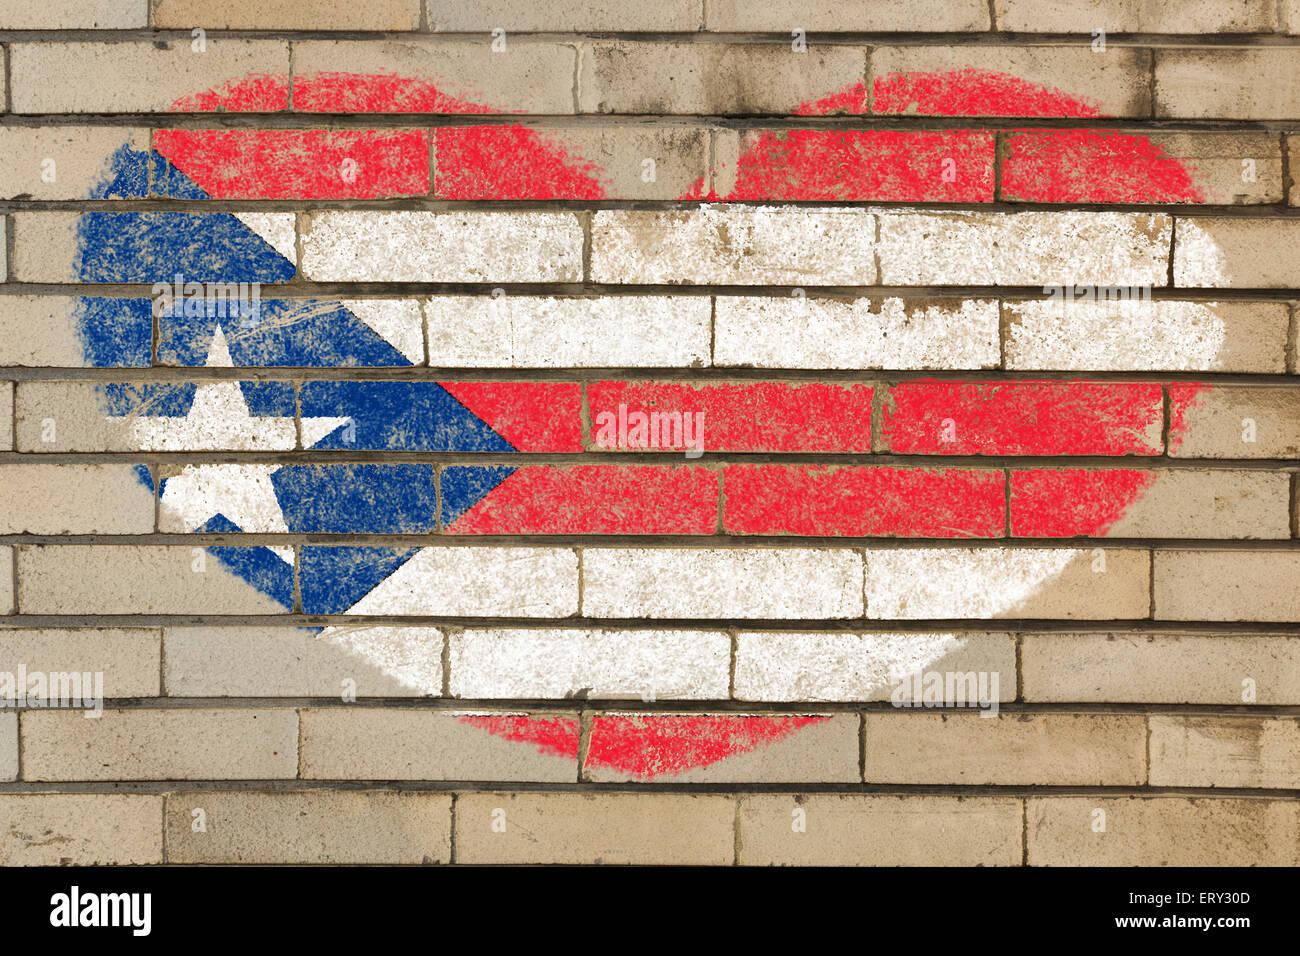 Groß Puerto Rico Flagge Färbung Seite Bilder ...